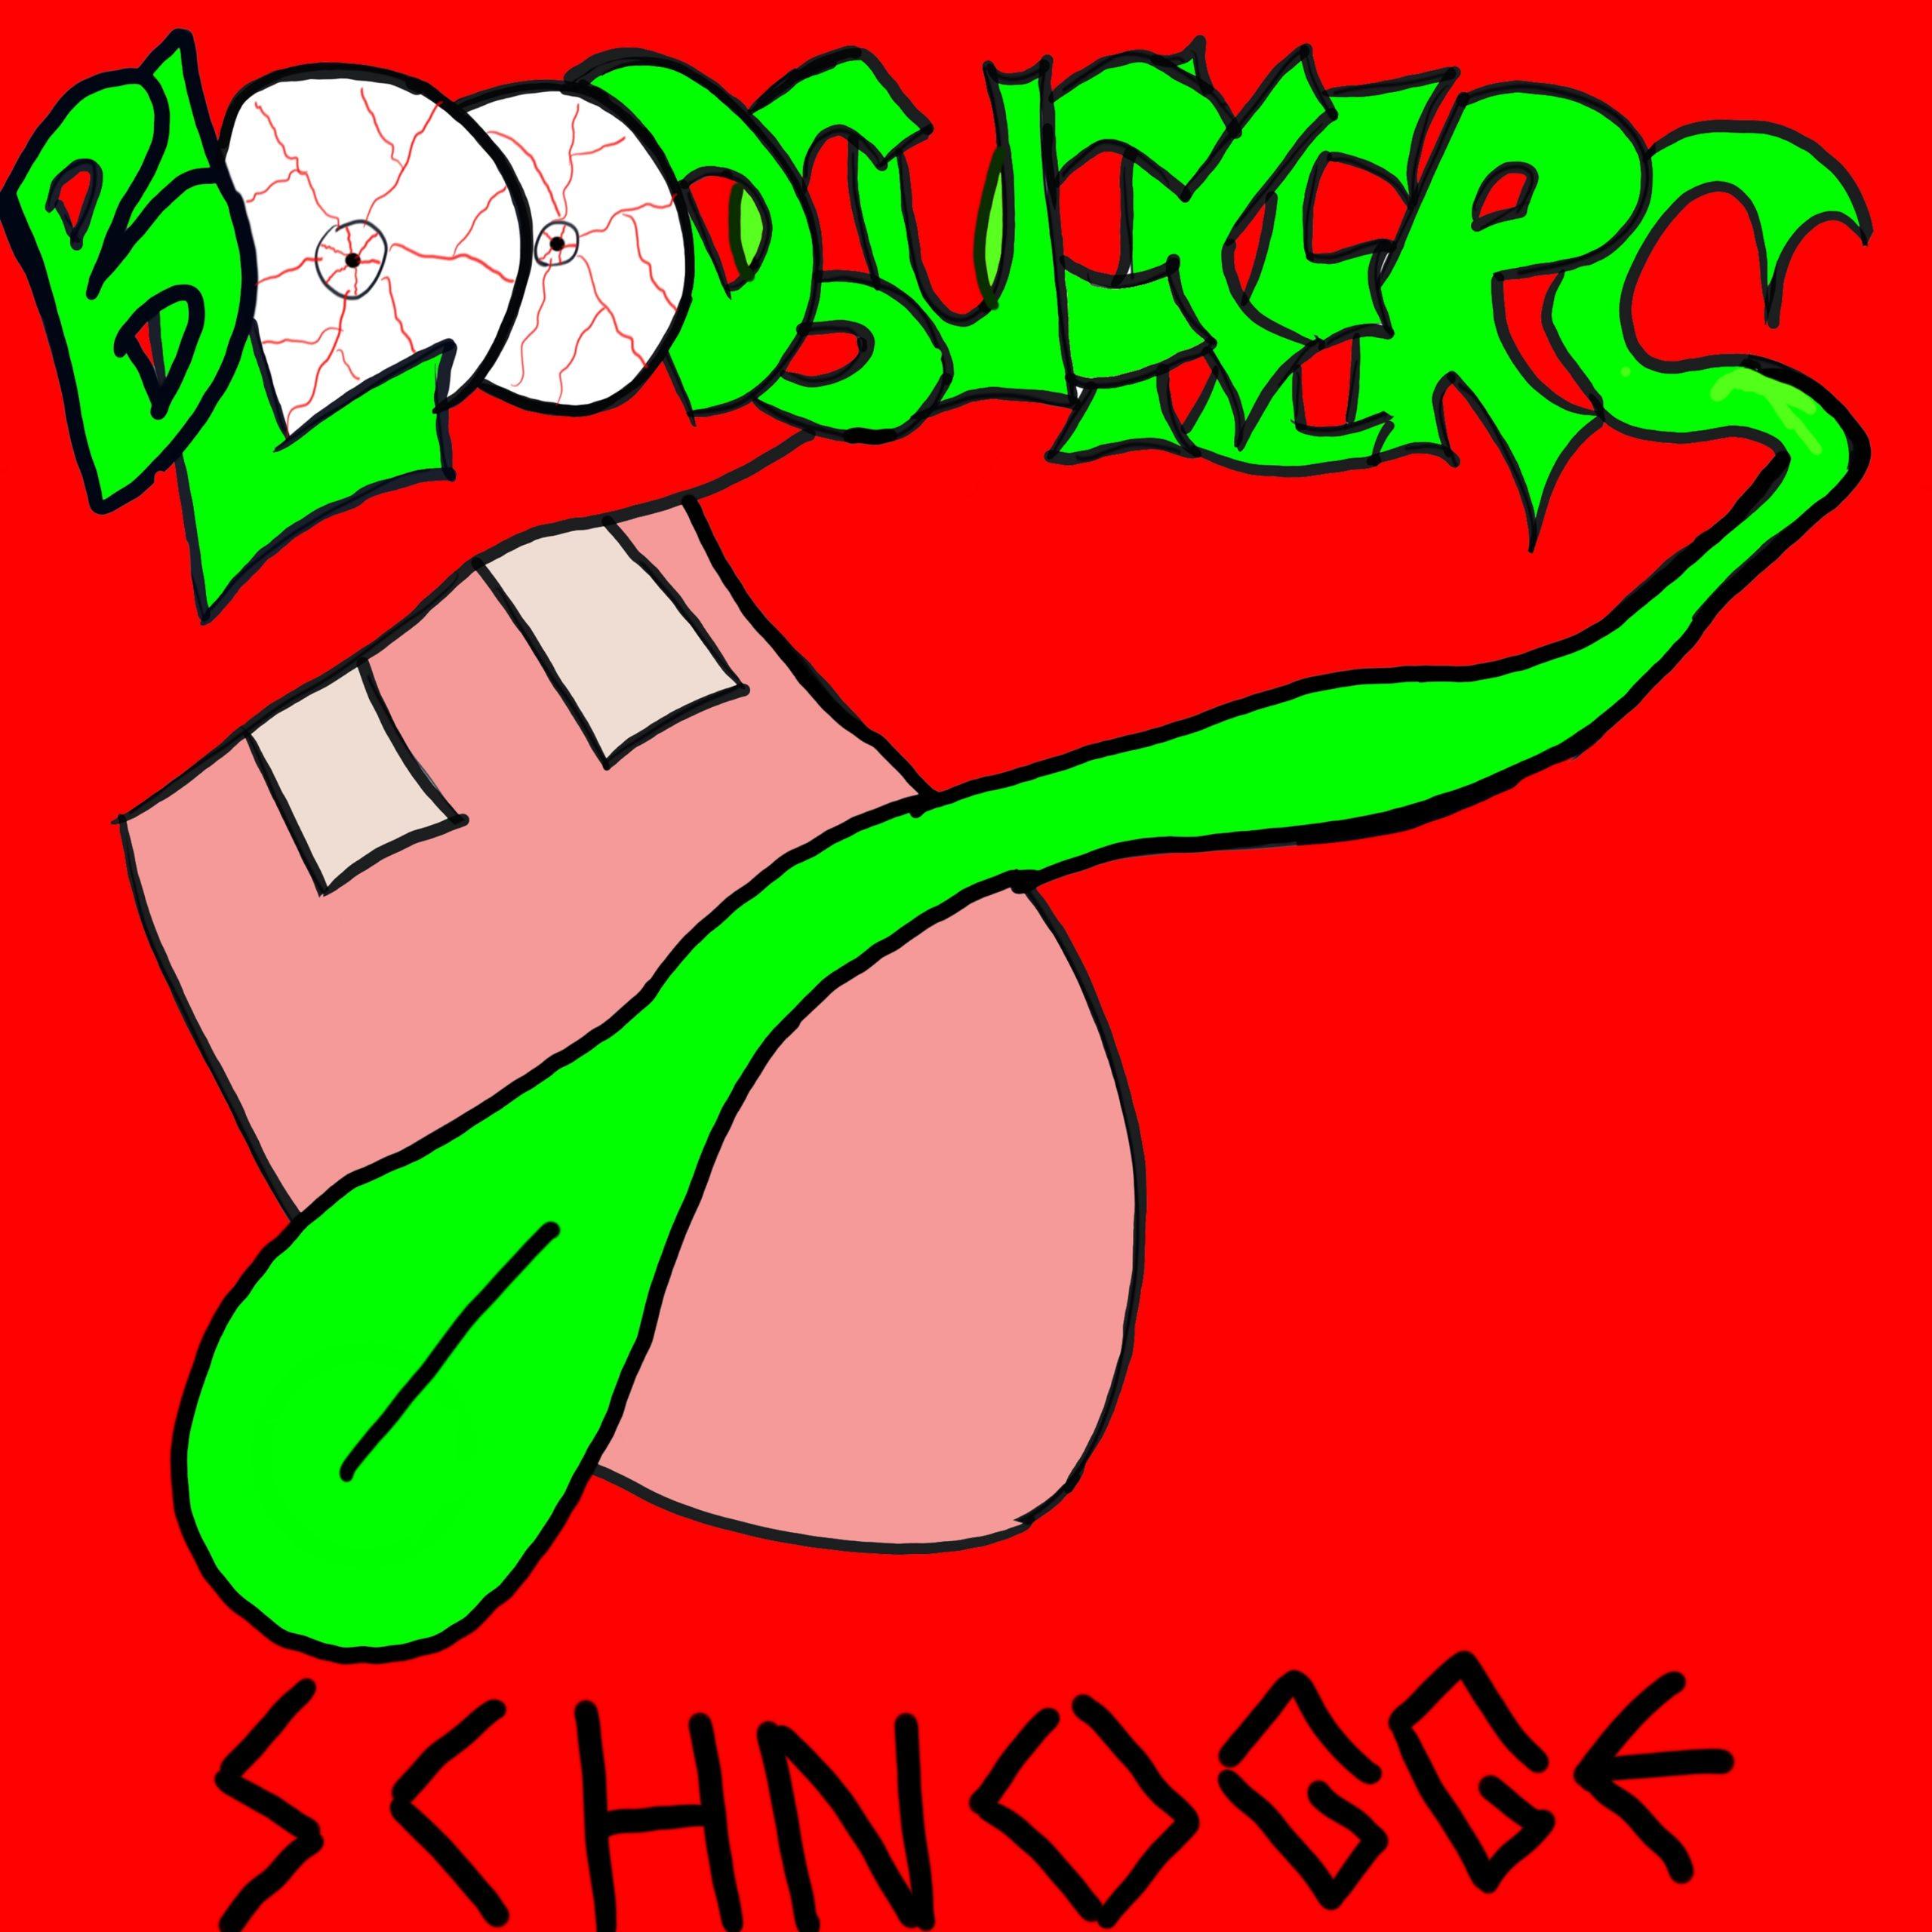 schnogge-bloodsuckers-ein-album-review